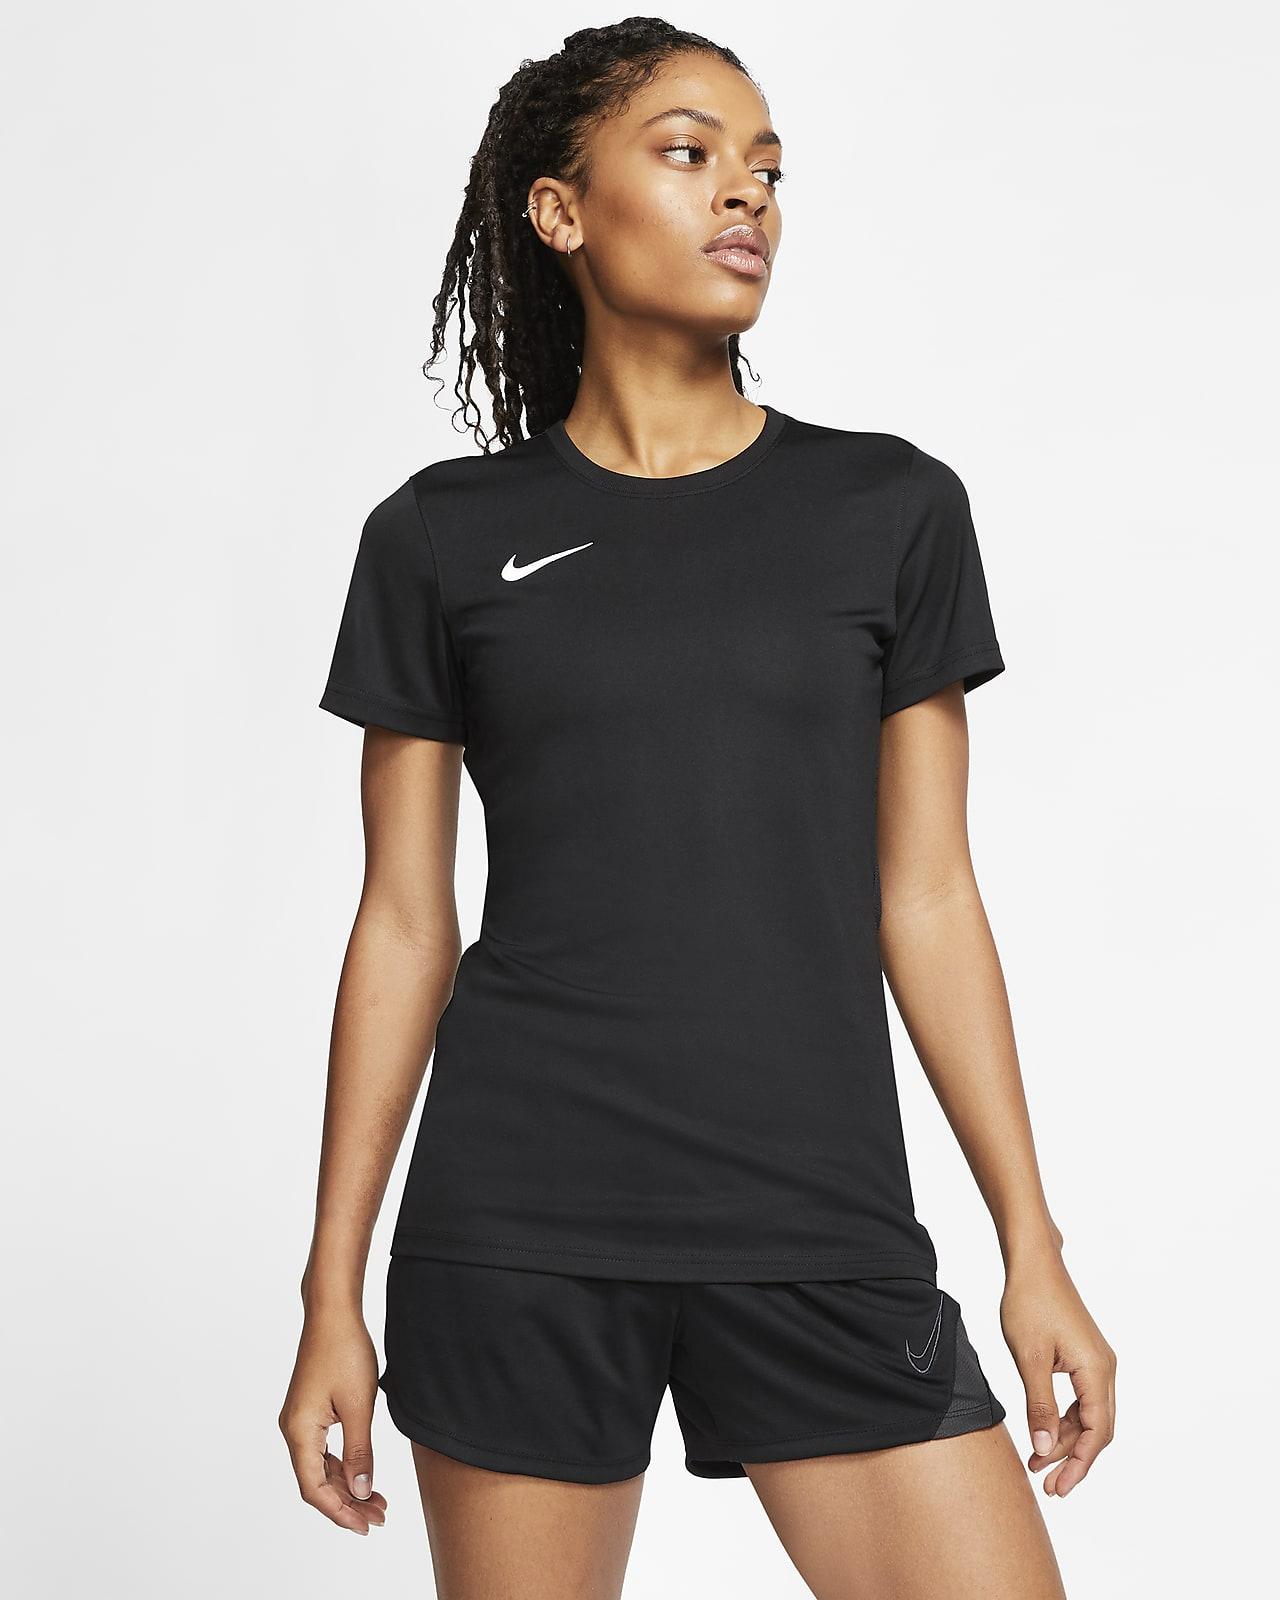 Nike Dri-FIT Park 7 Voetbalshirt voor dames